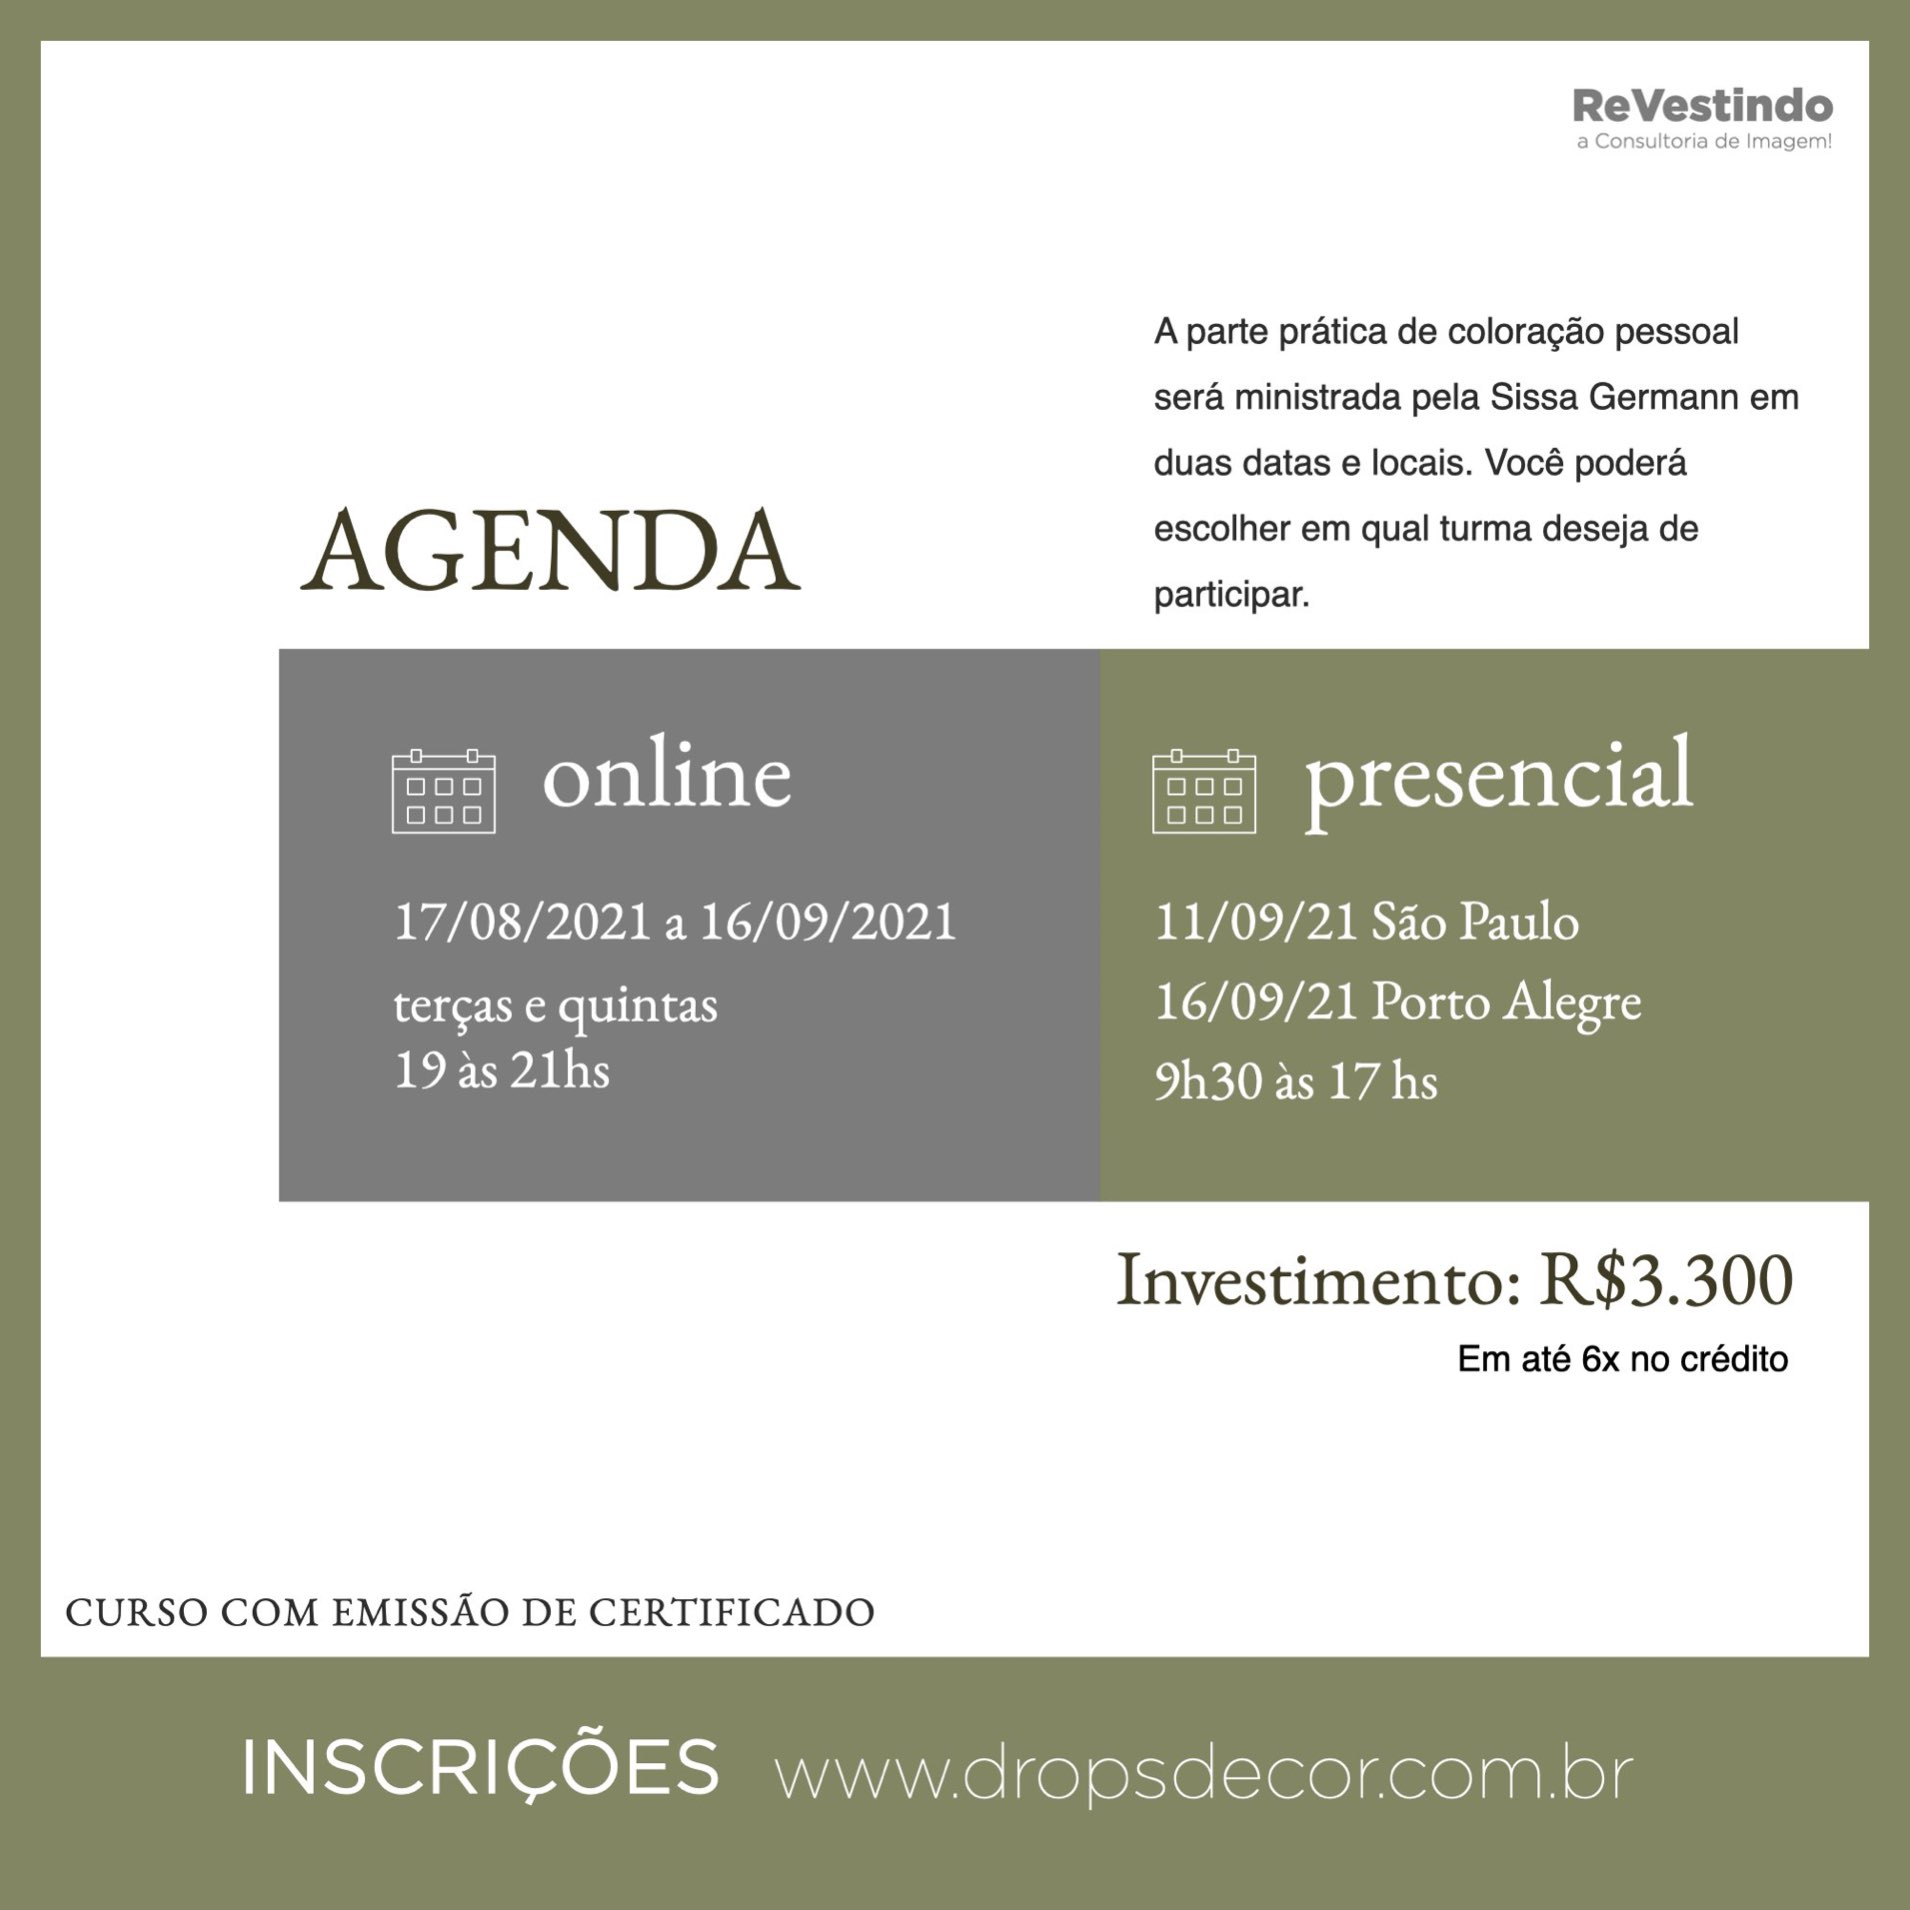 Curso de Formação em Consultoria de Imagem - TEORIA ONLINE - PRÁTICA PRESENCIAL - SÃO PAULO E PORTO ALEGRE